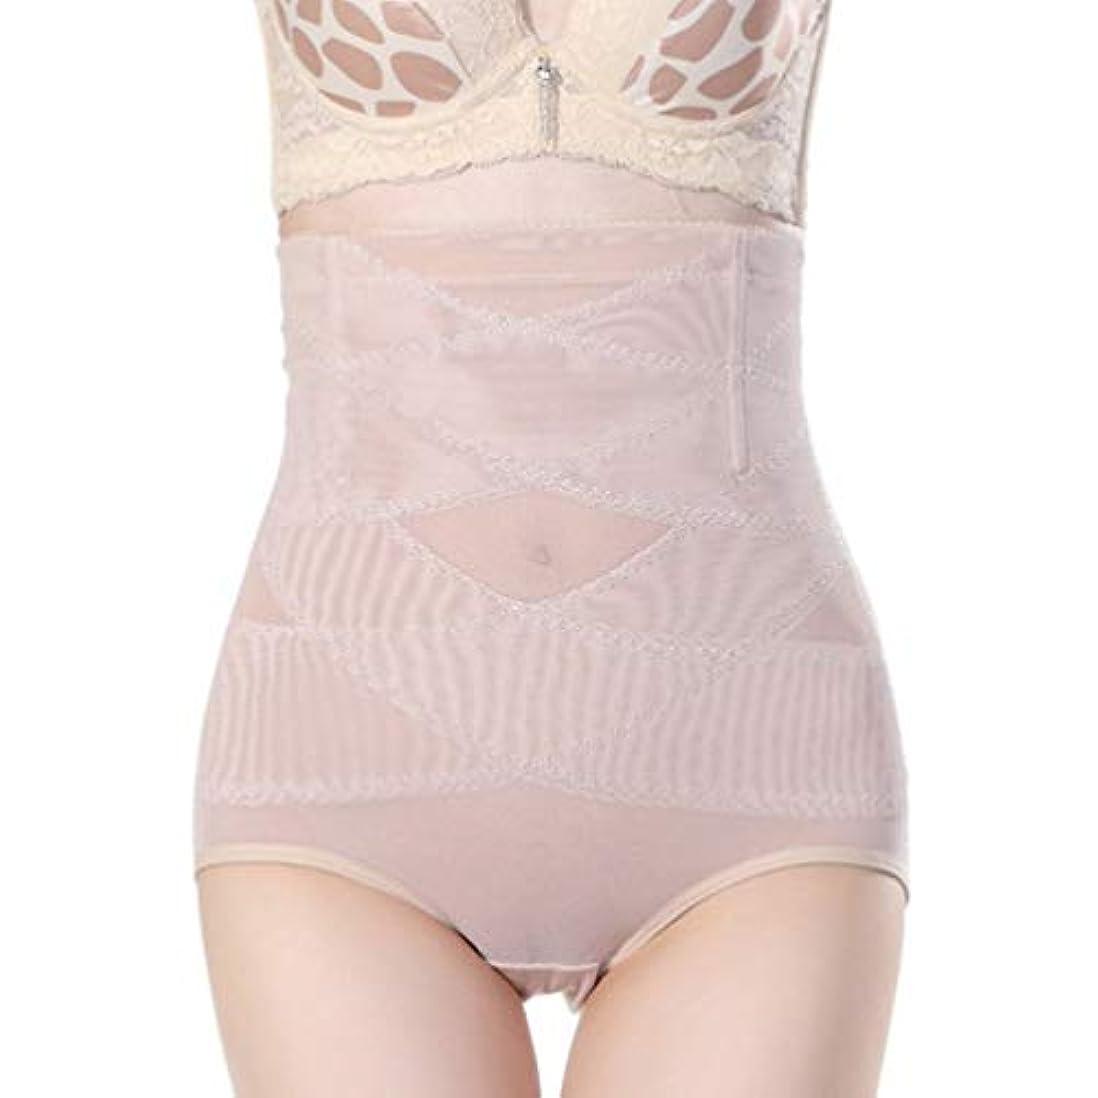 粗いマイナスキャメル腹部制御下着シームレスおなかコントロールパンティーバットリフターボディシェイパーを痩身通気性のハイウエストの女性 - 肌色2 XL